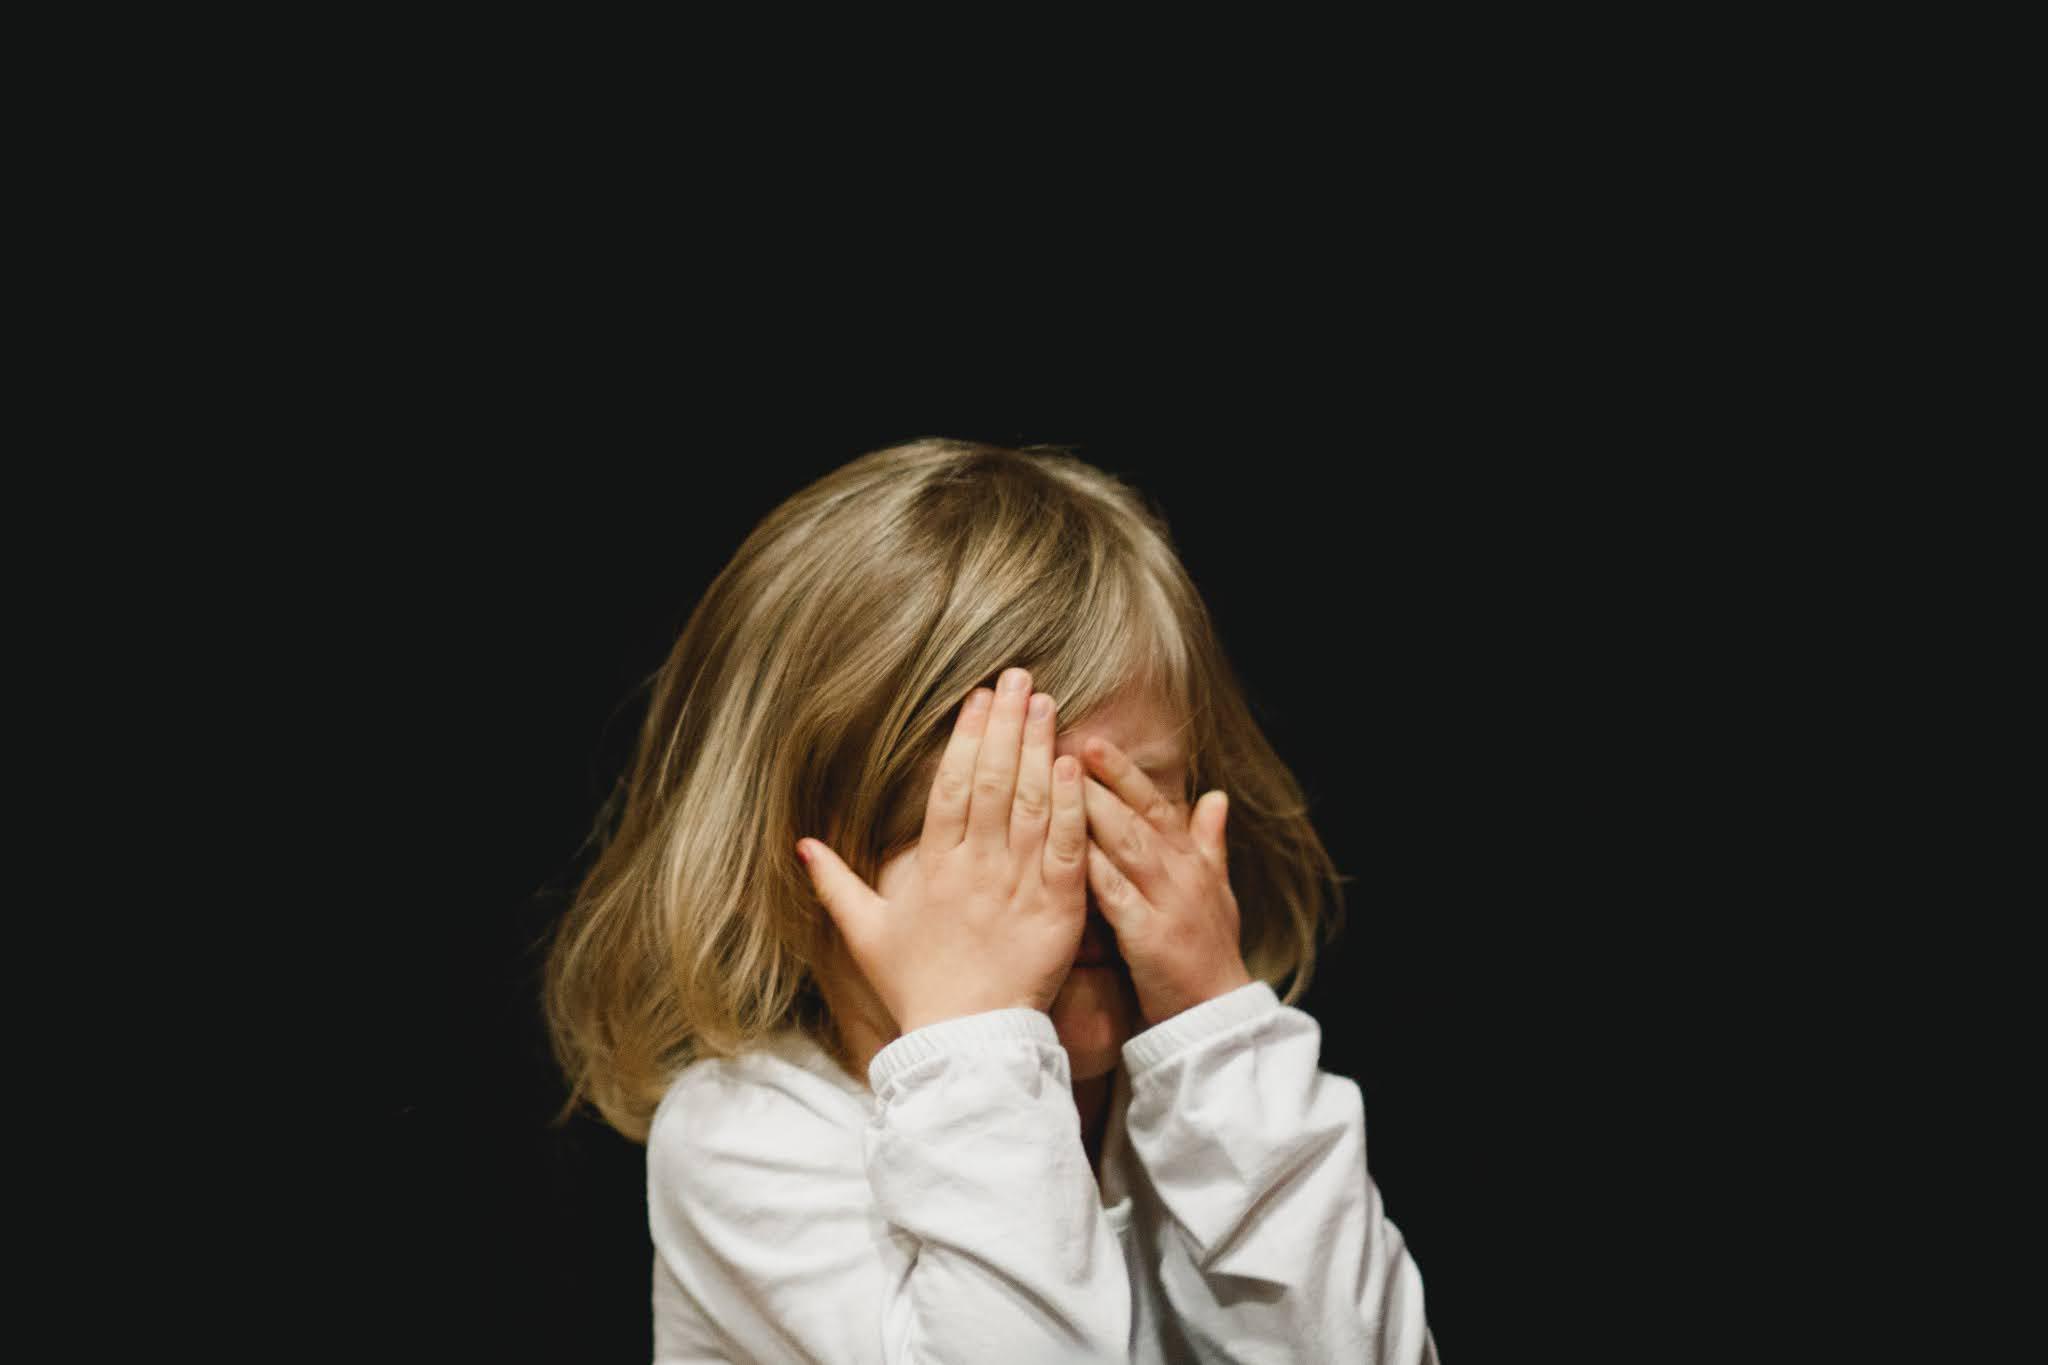 كيف اضبط ابني عندما لا يريد ان يسمع؟